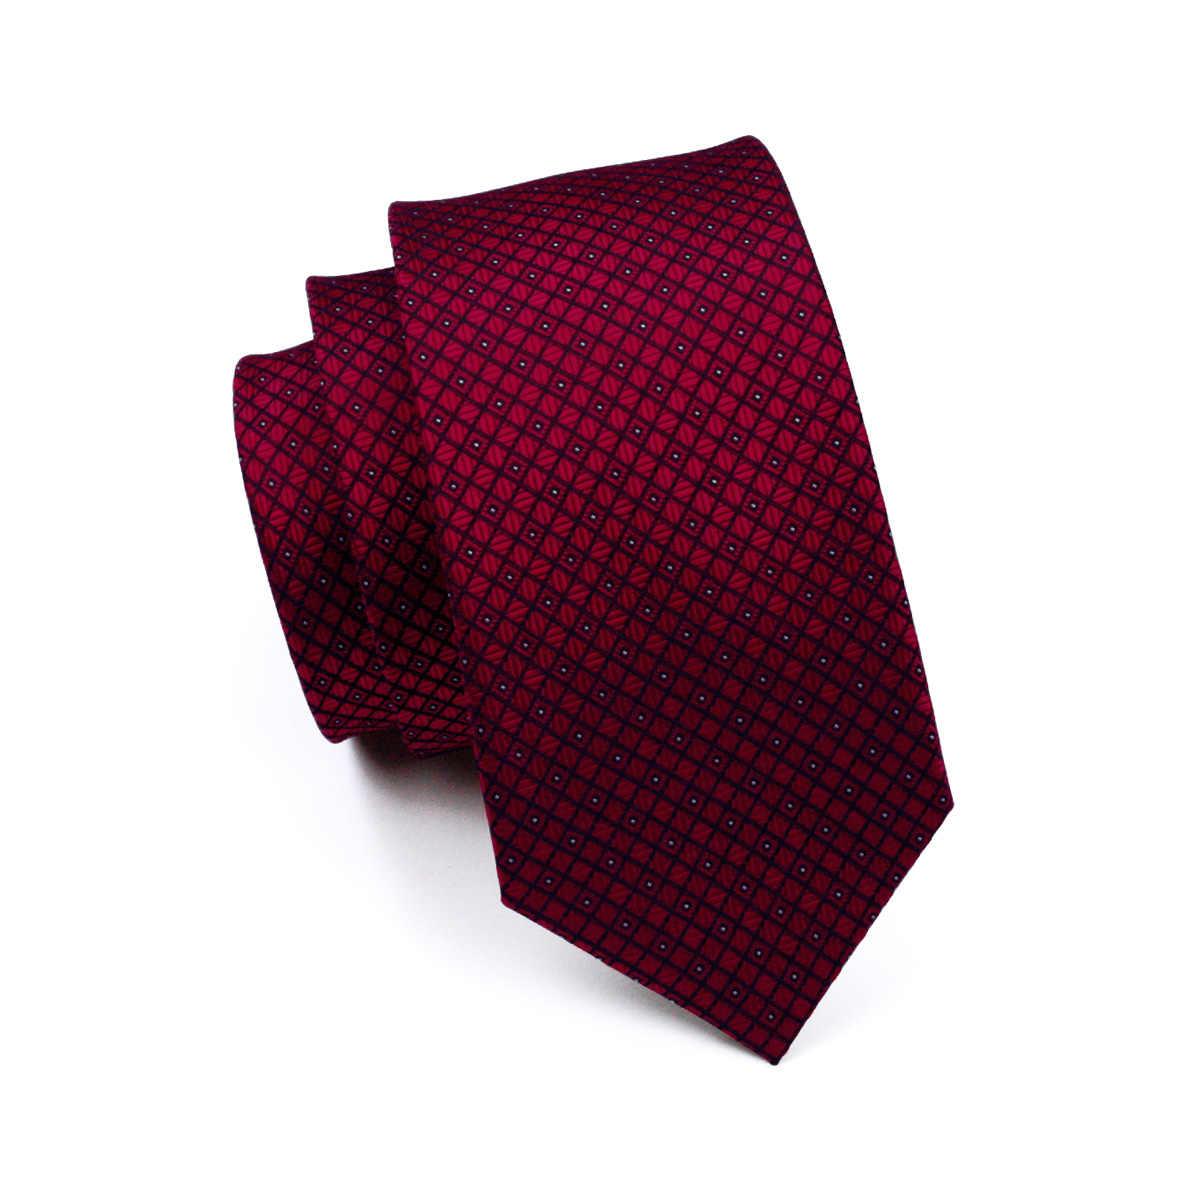 DH-704 Yeni Sıcak Erkek Bağları Kırmızı Ekose Boyun Kravat % 100% İpek Jakar Kravat Erkekler İş Düğün Parti için Ücretsiz Nakliye